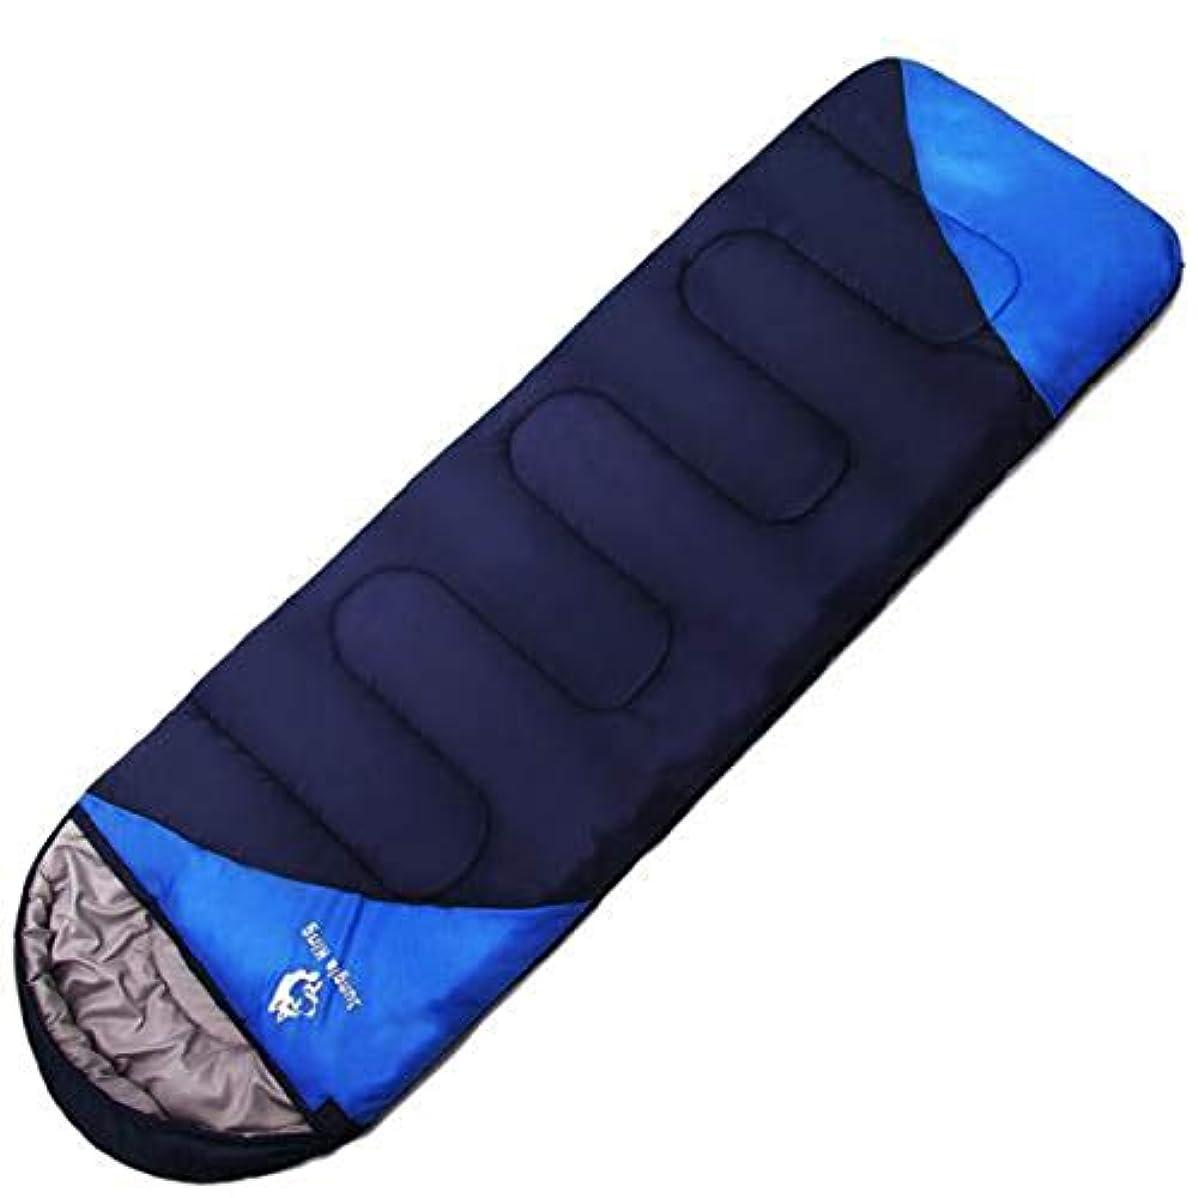 メロドラマティック職業酔ったMakecny キャンプの寝袋 - 封筒軽量のポータブル防水で快適なサック - 2シーズンの旅行に最適ハイキング屋外アクティビティ (色 : 青)